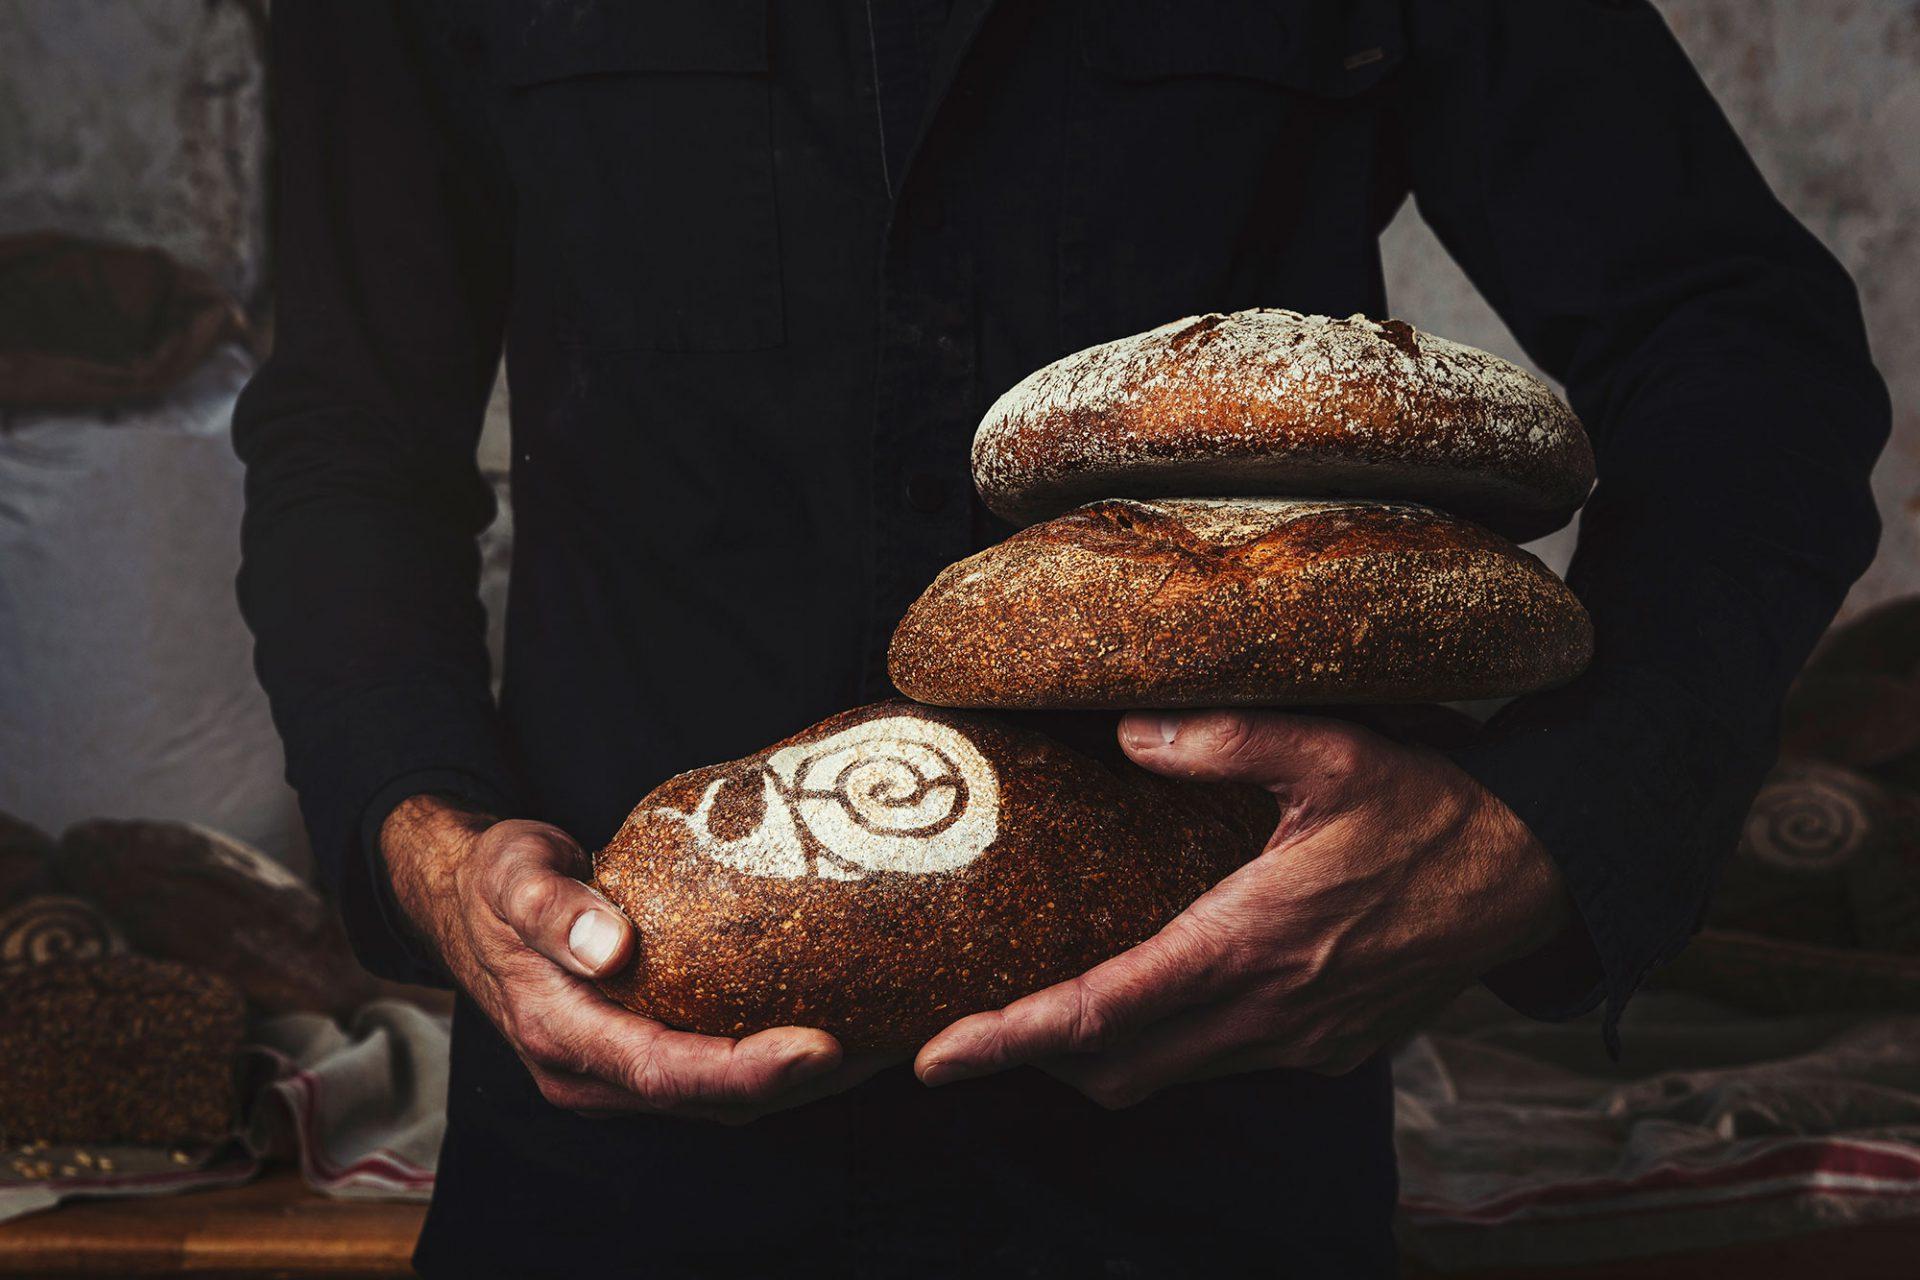 Een echt Slow Food product: brood gemaakt van emmertarwe - Slow Food chef René vertelt - Foto door Bibi Veth